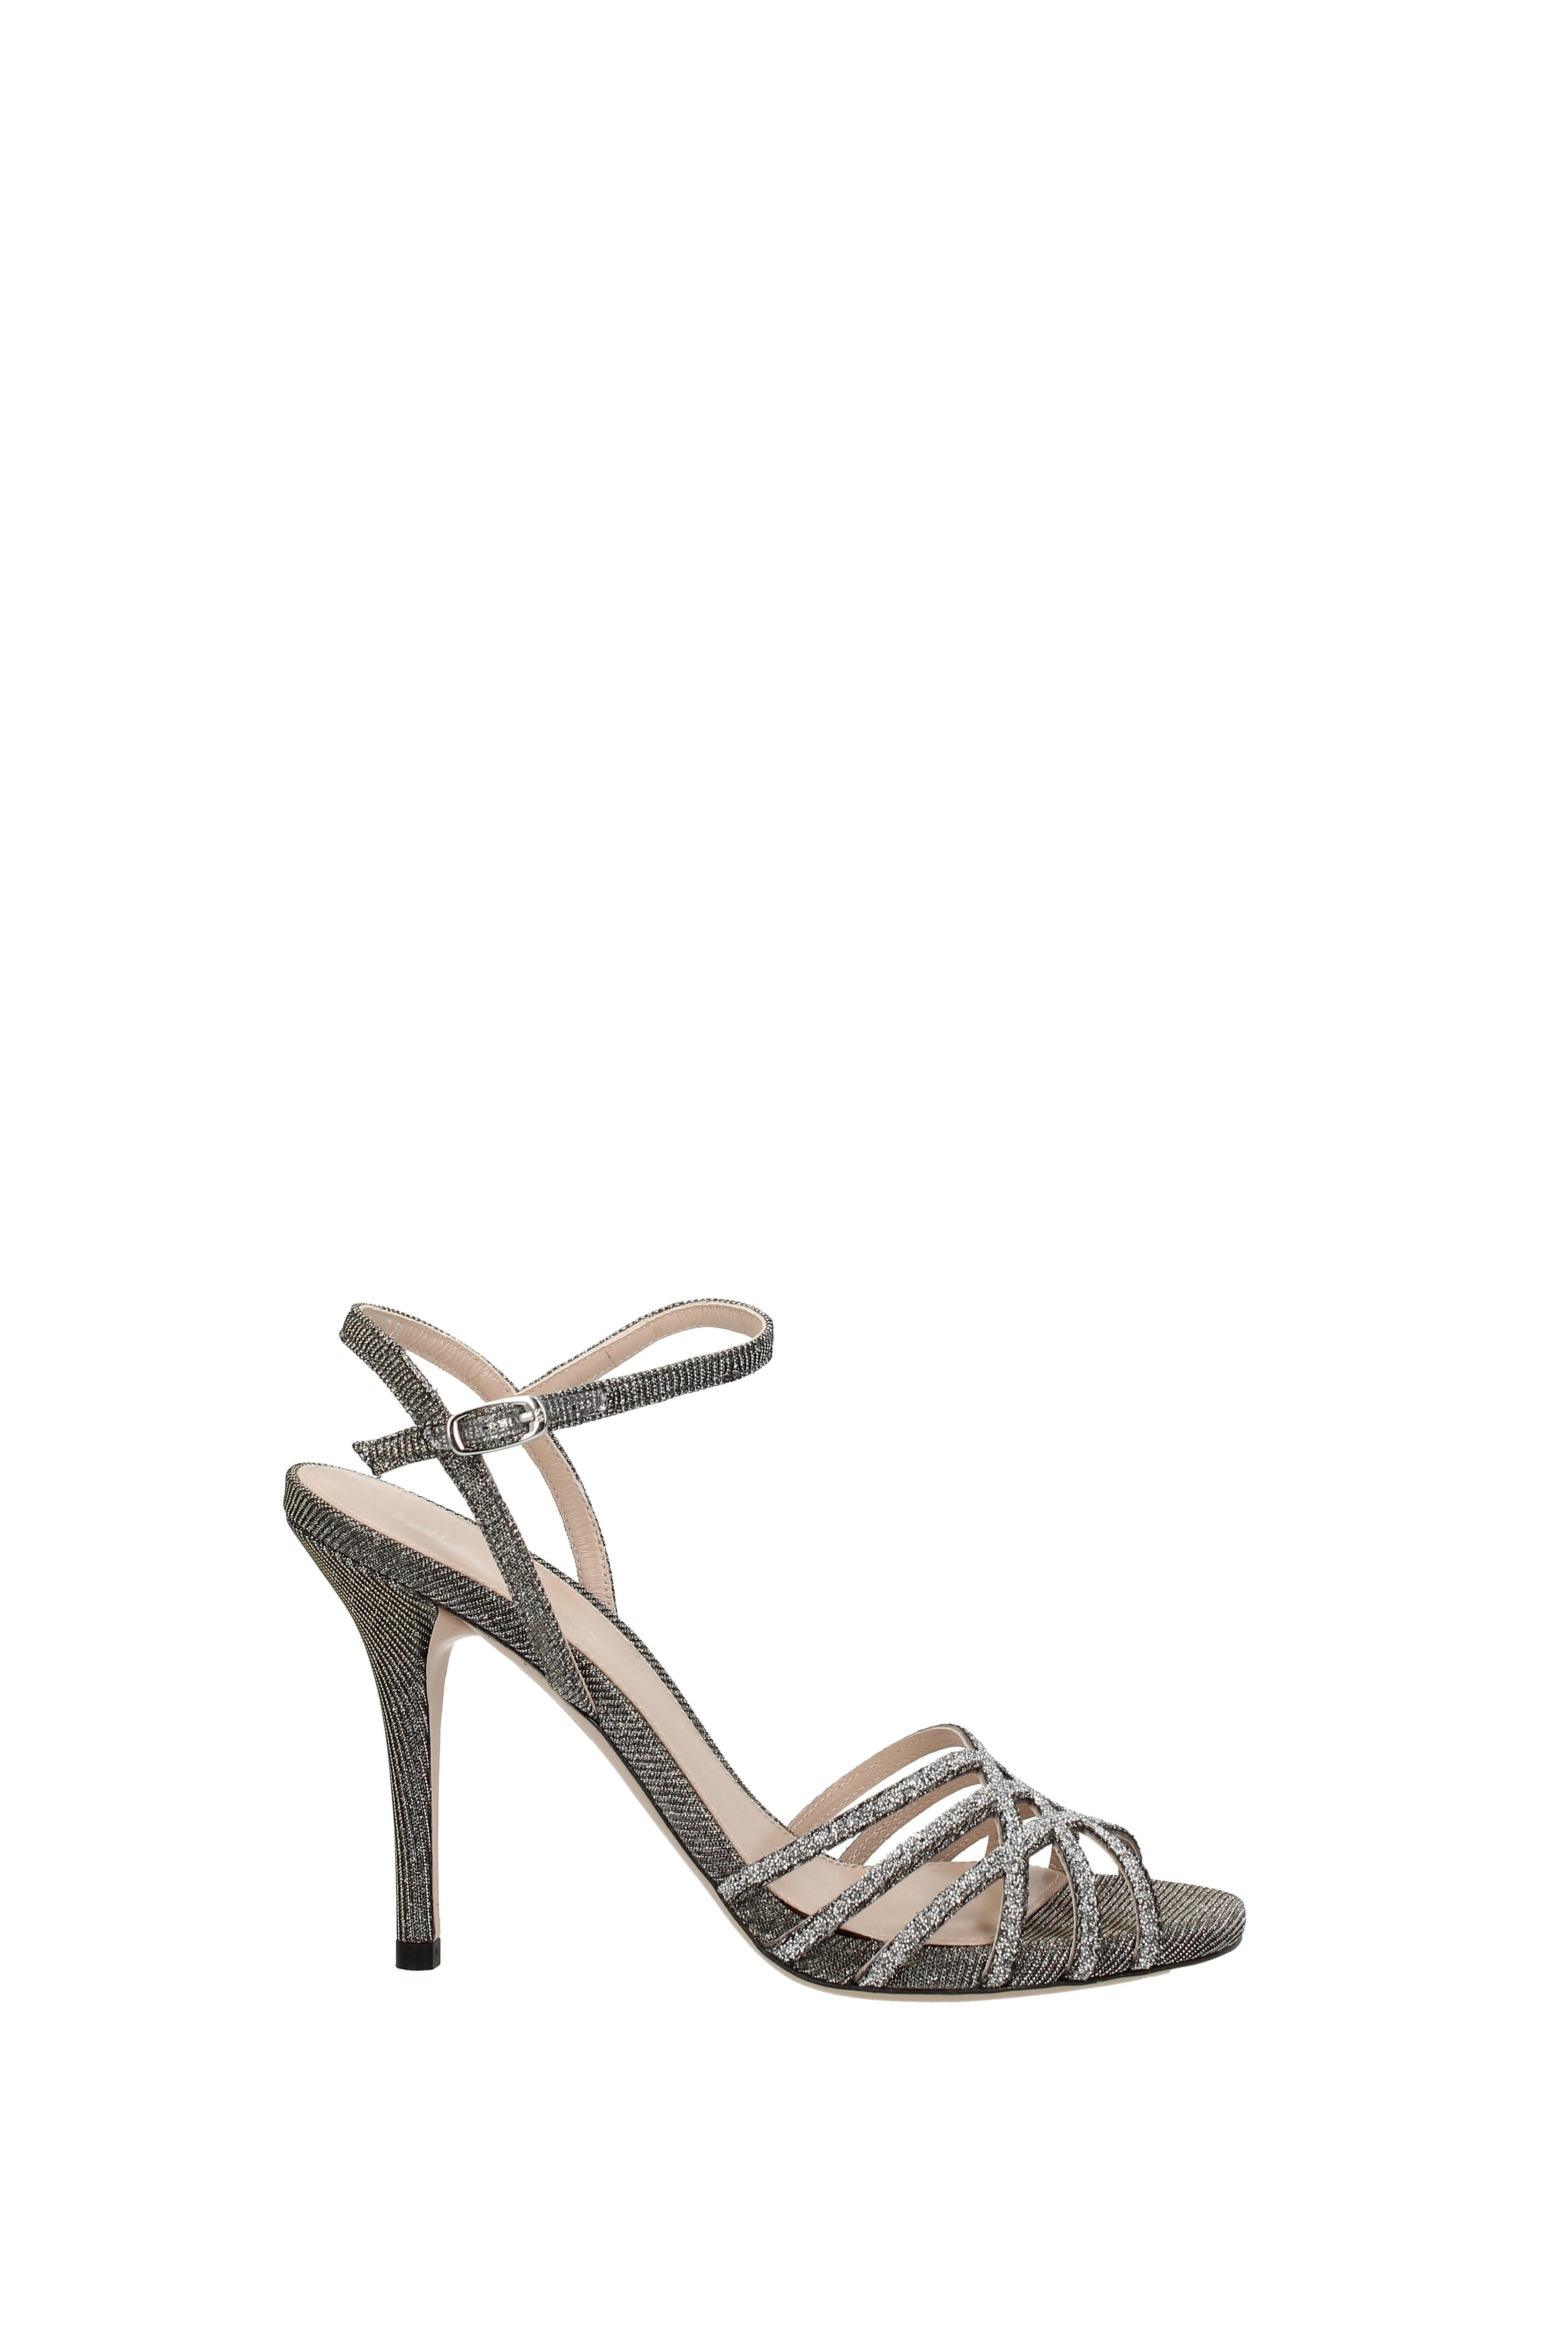 sandales stuart weitzFemme flicker femmes  de tissus tissus tissus (flickerxl2018) | La Mode  855fbe